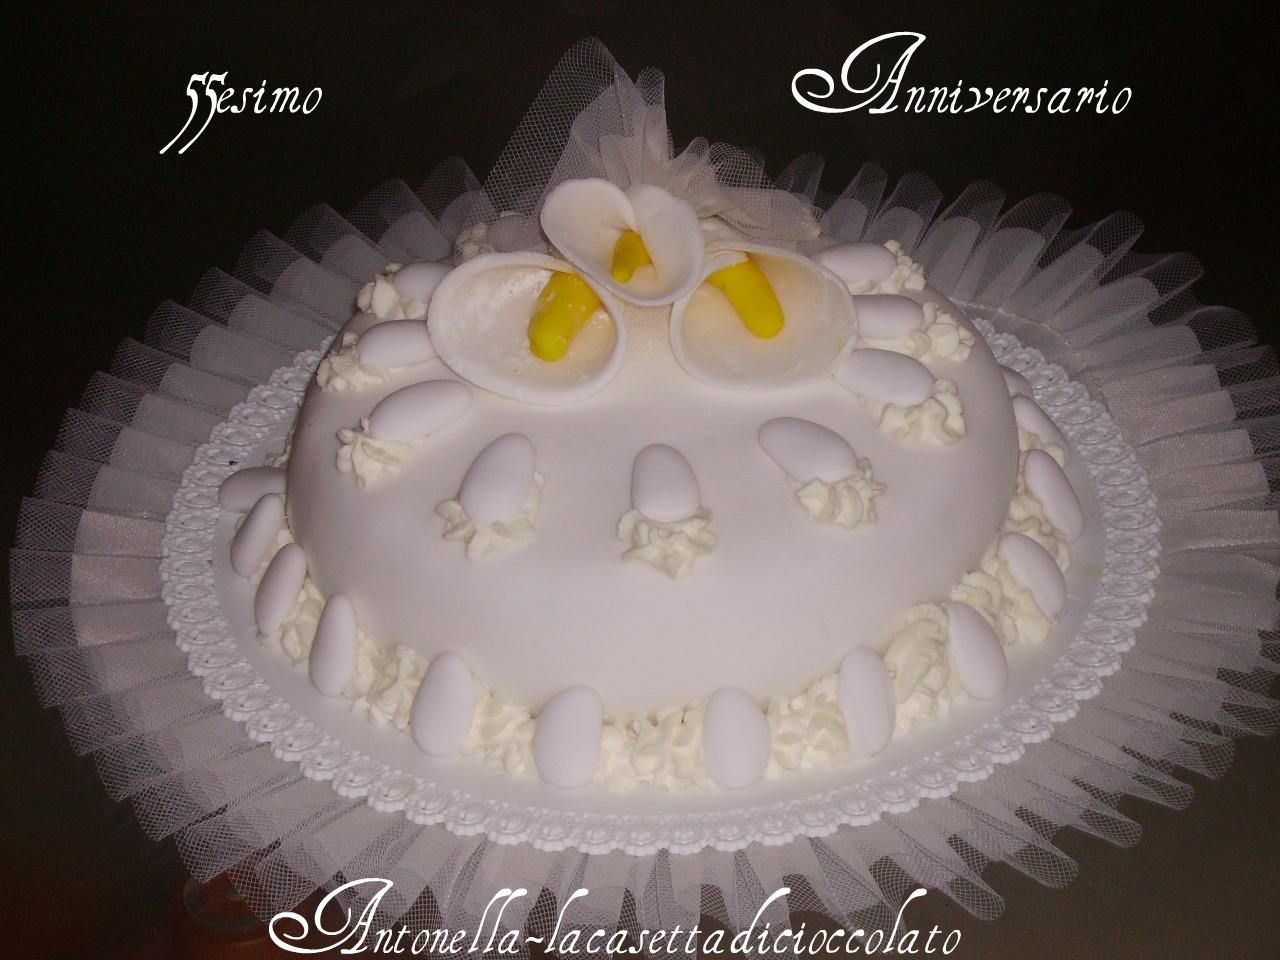 Top la casetta di cioccolato: torta 55esimo anniversario di matrimonio PZ43